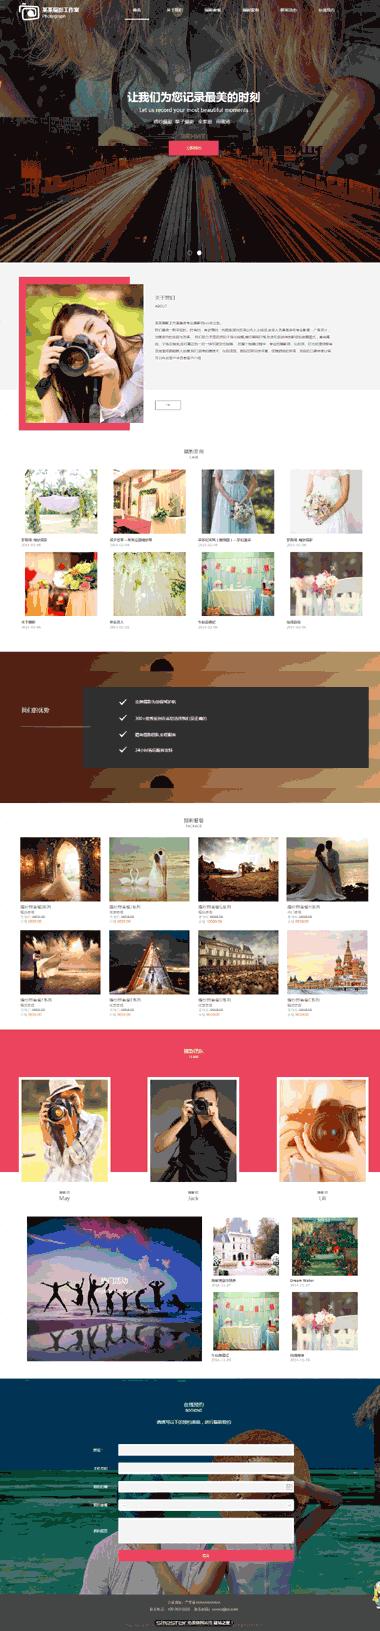 摄影网站制作模板-摄影工作室网站模板定制